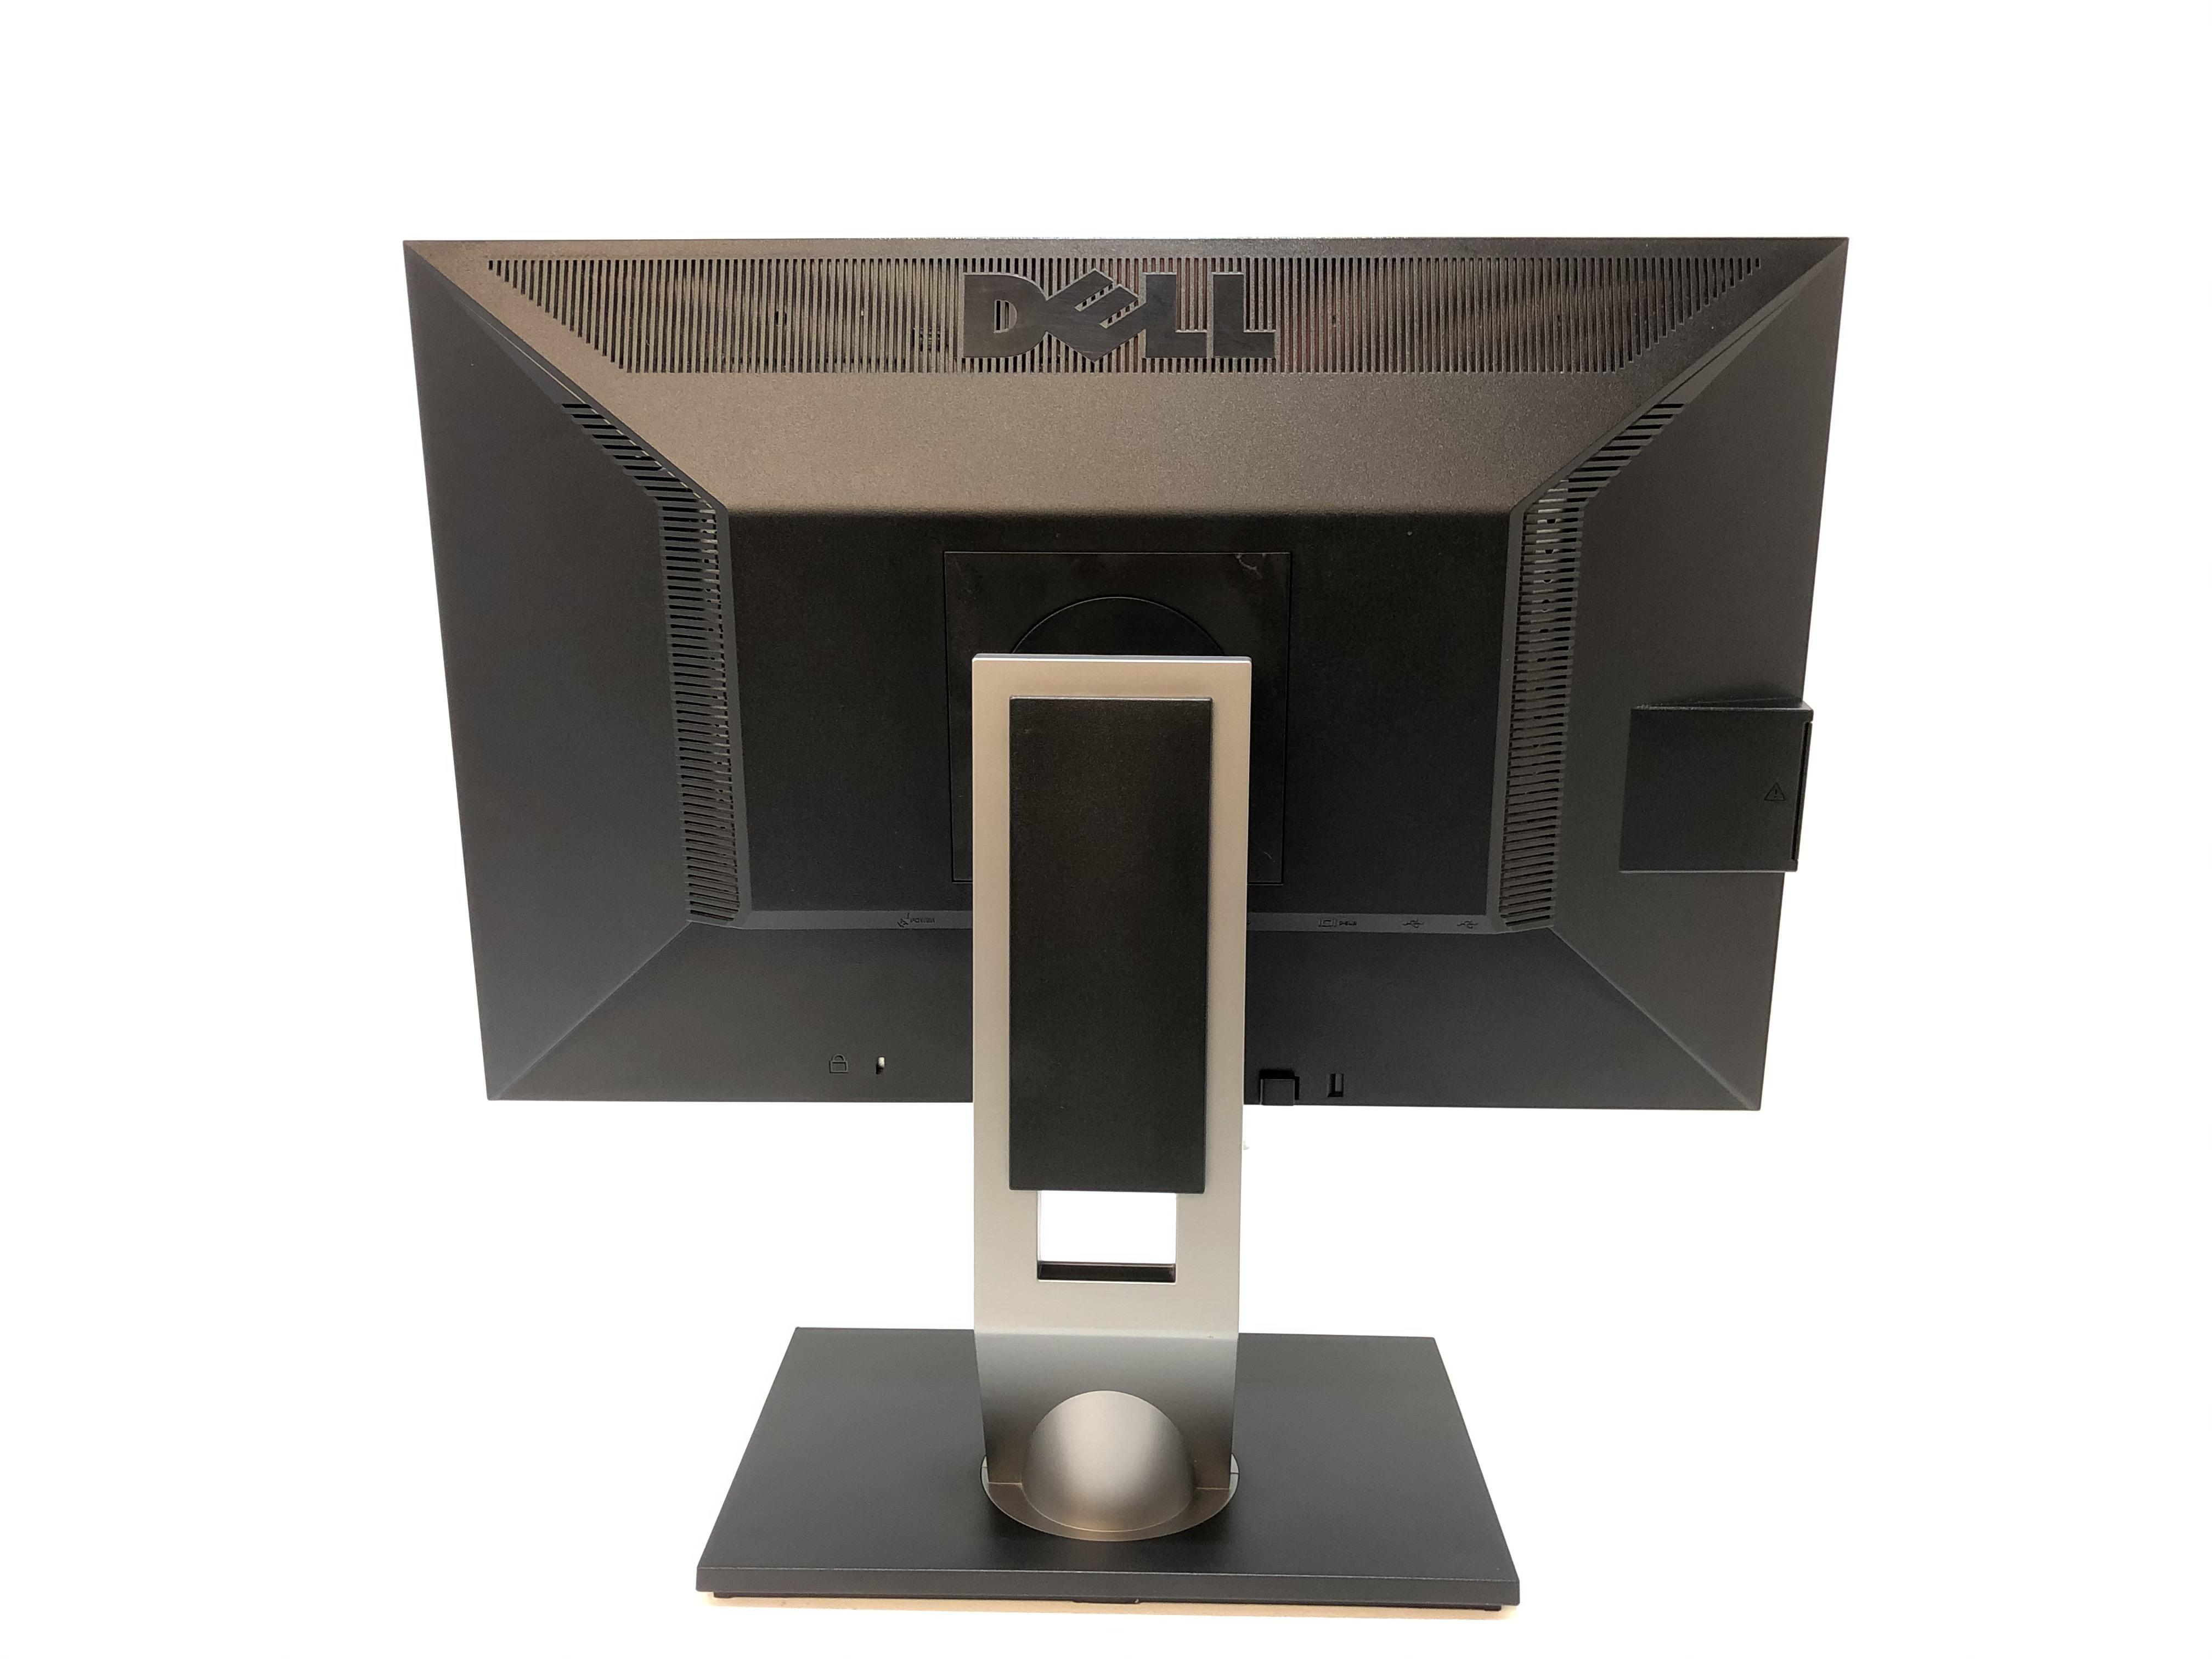 Dell P2210f No 4